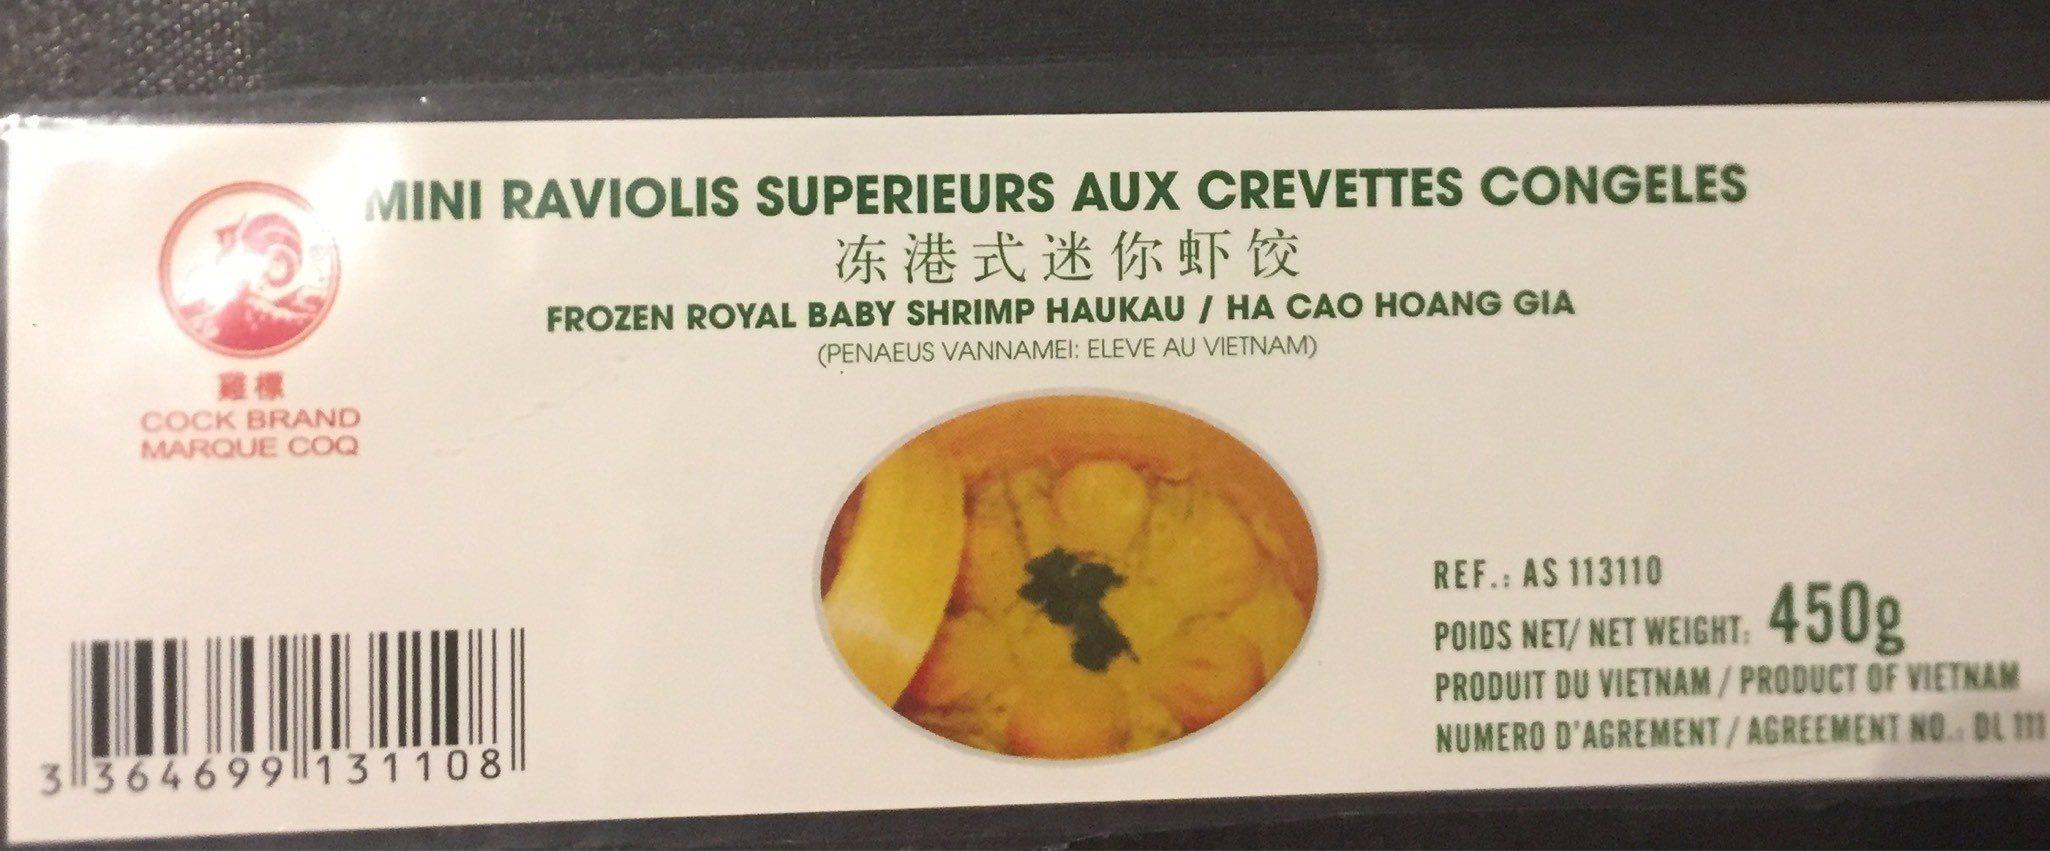 Mini raviolis superieur aux crevettes - Product - fr